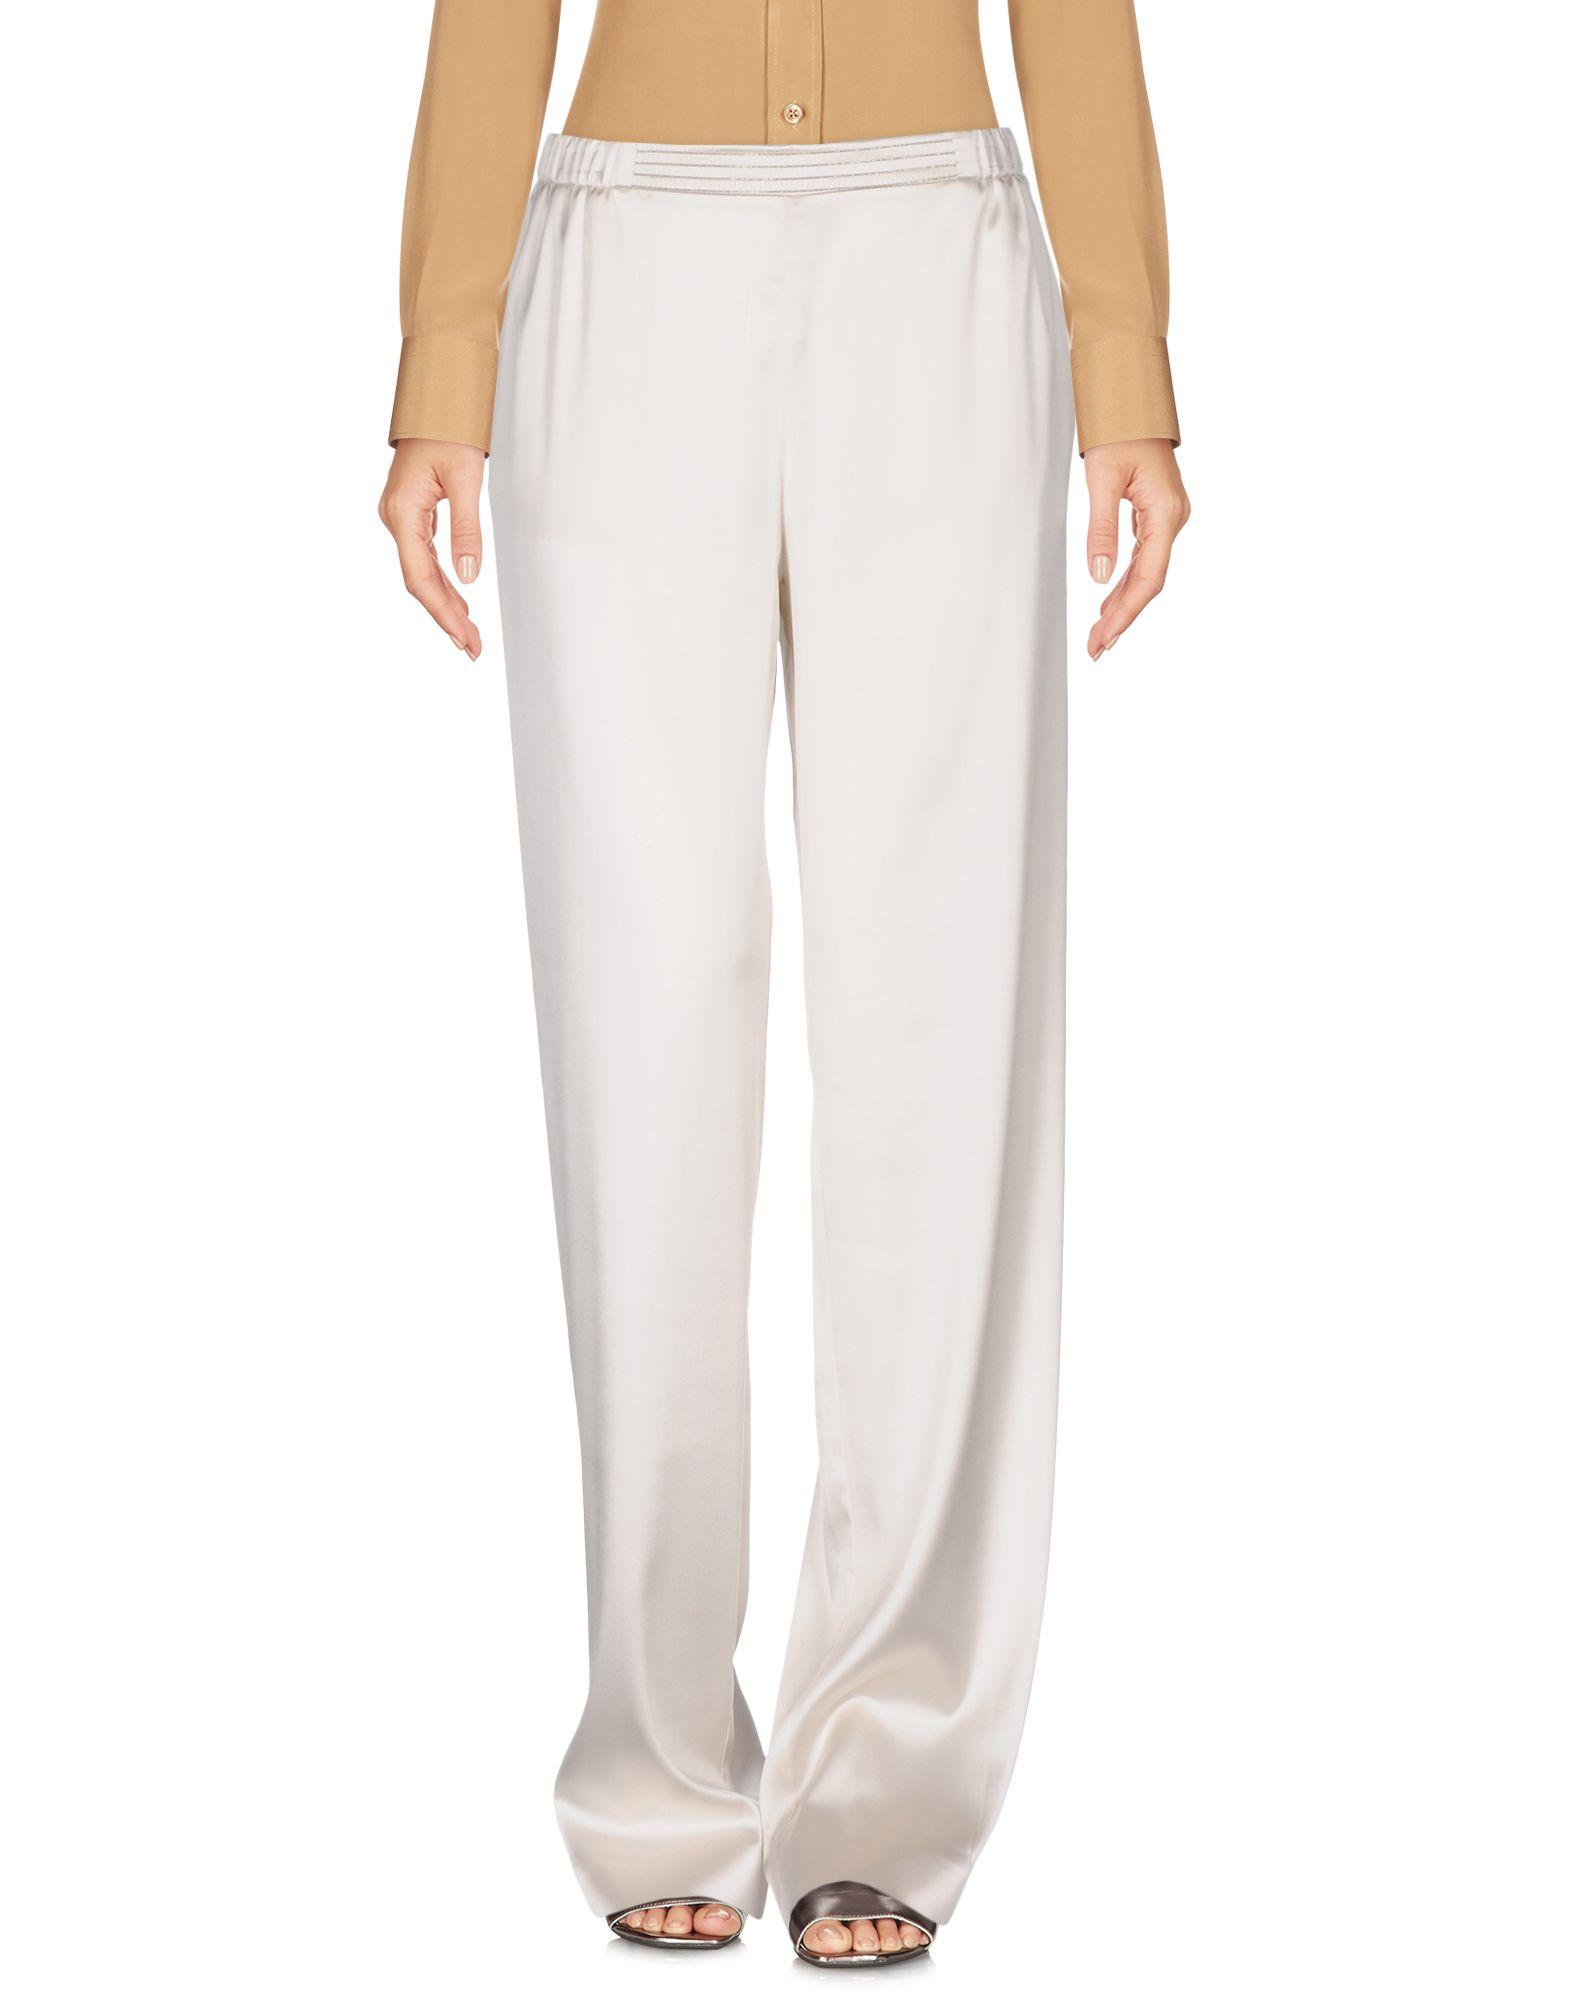 Pantalone Fabiana Filippi Donna - Acquista online su TeCONAtzR